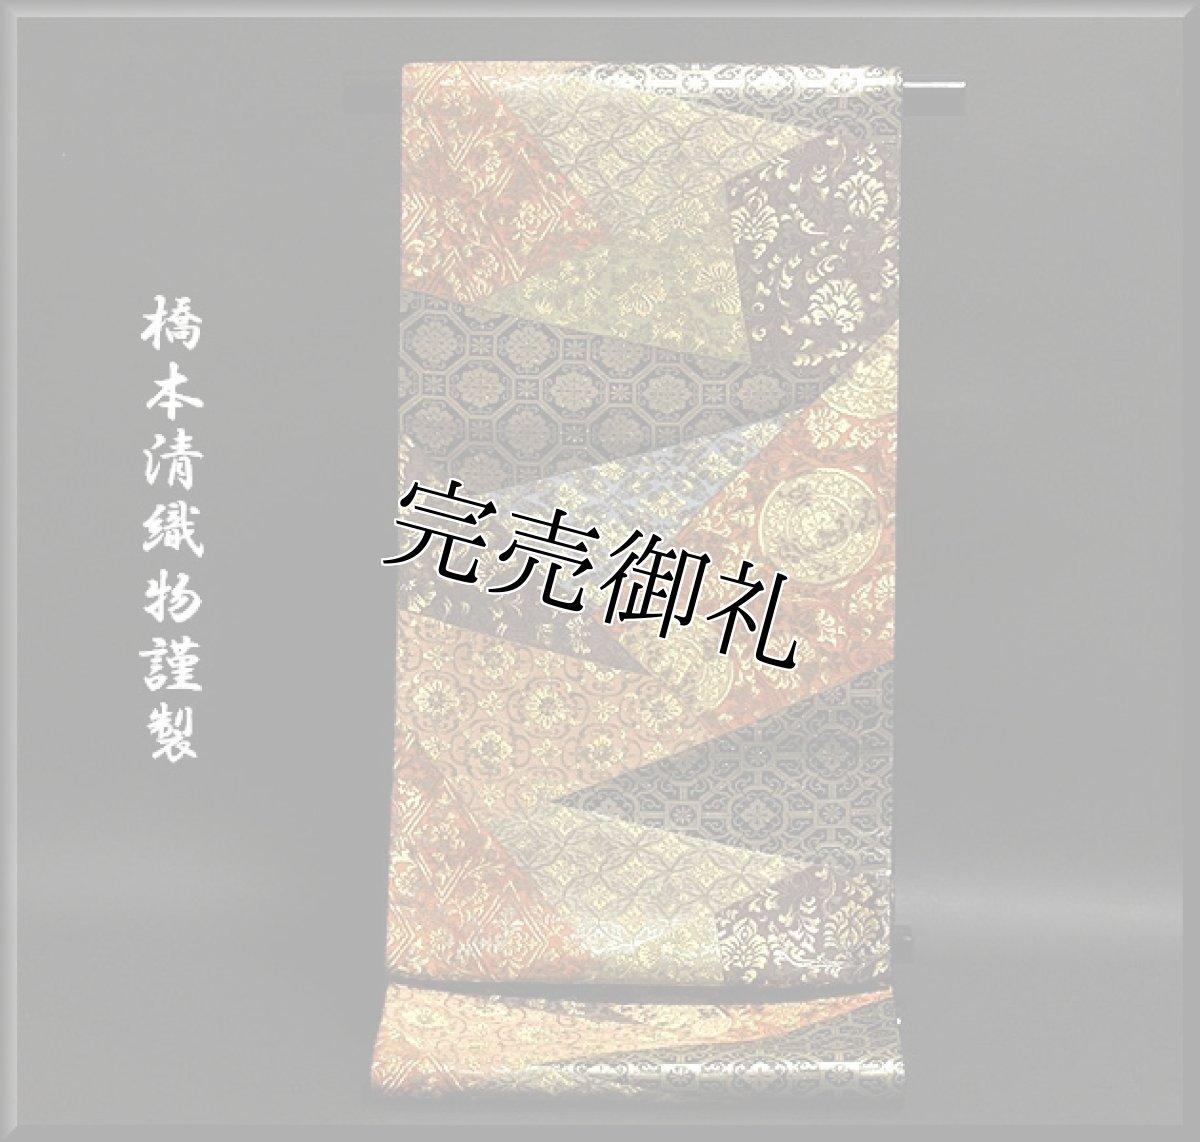 画像1: ■京都西陣織「橋本清織物」謹製 瑞祥錦 黒地 豪華絢爛 袋帯■ (1)